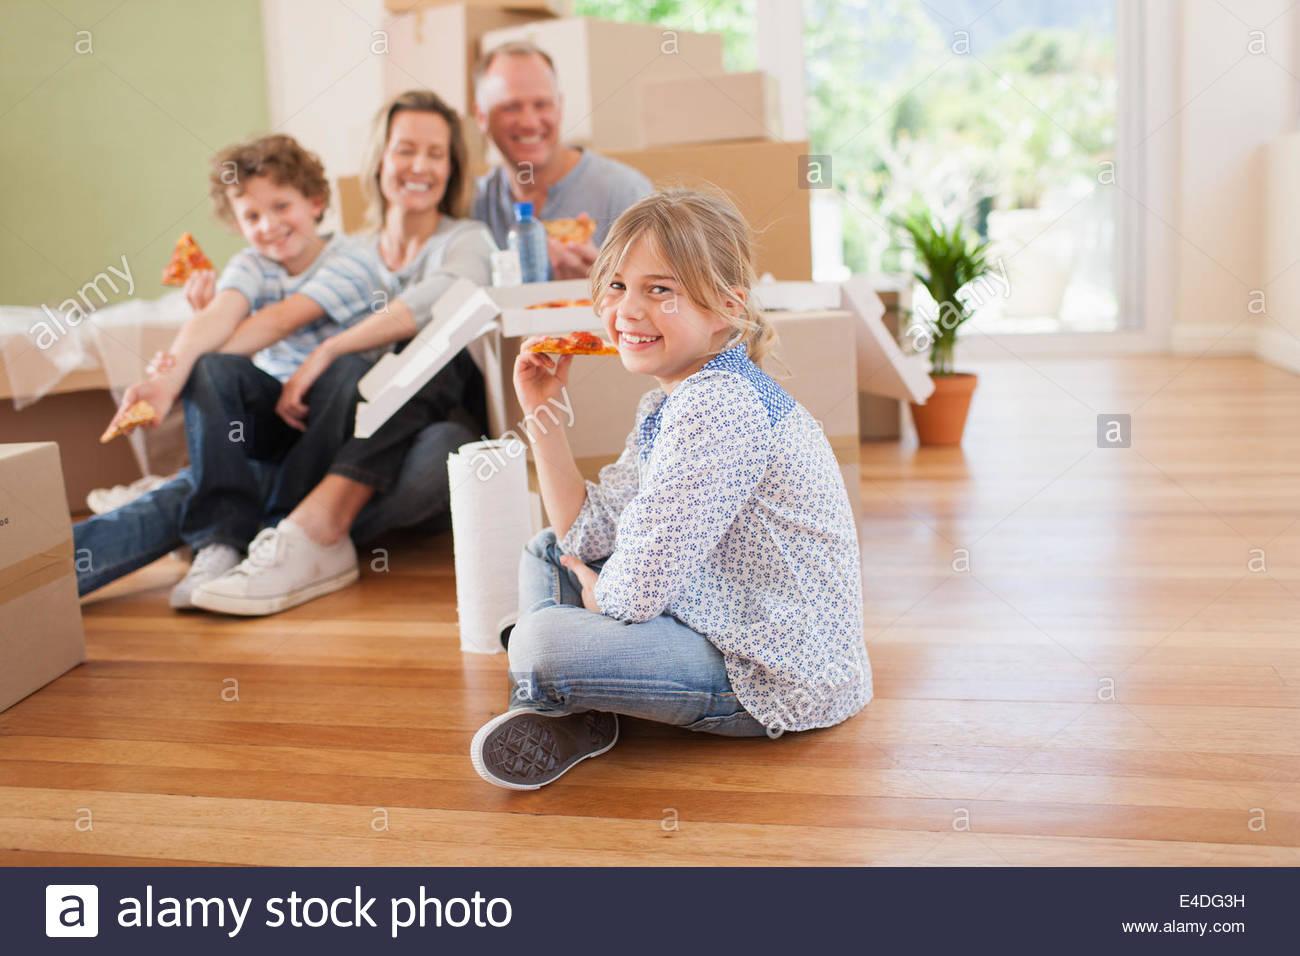 Family eating pizza sur le sol dans leur nouvelle maison Photo Stock